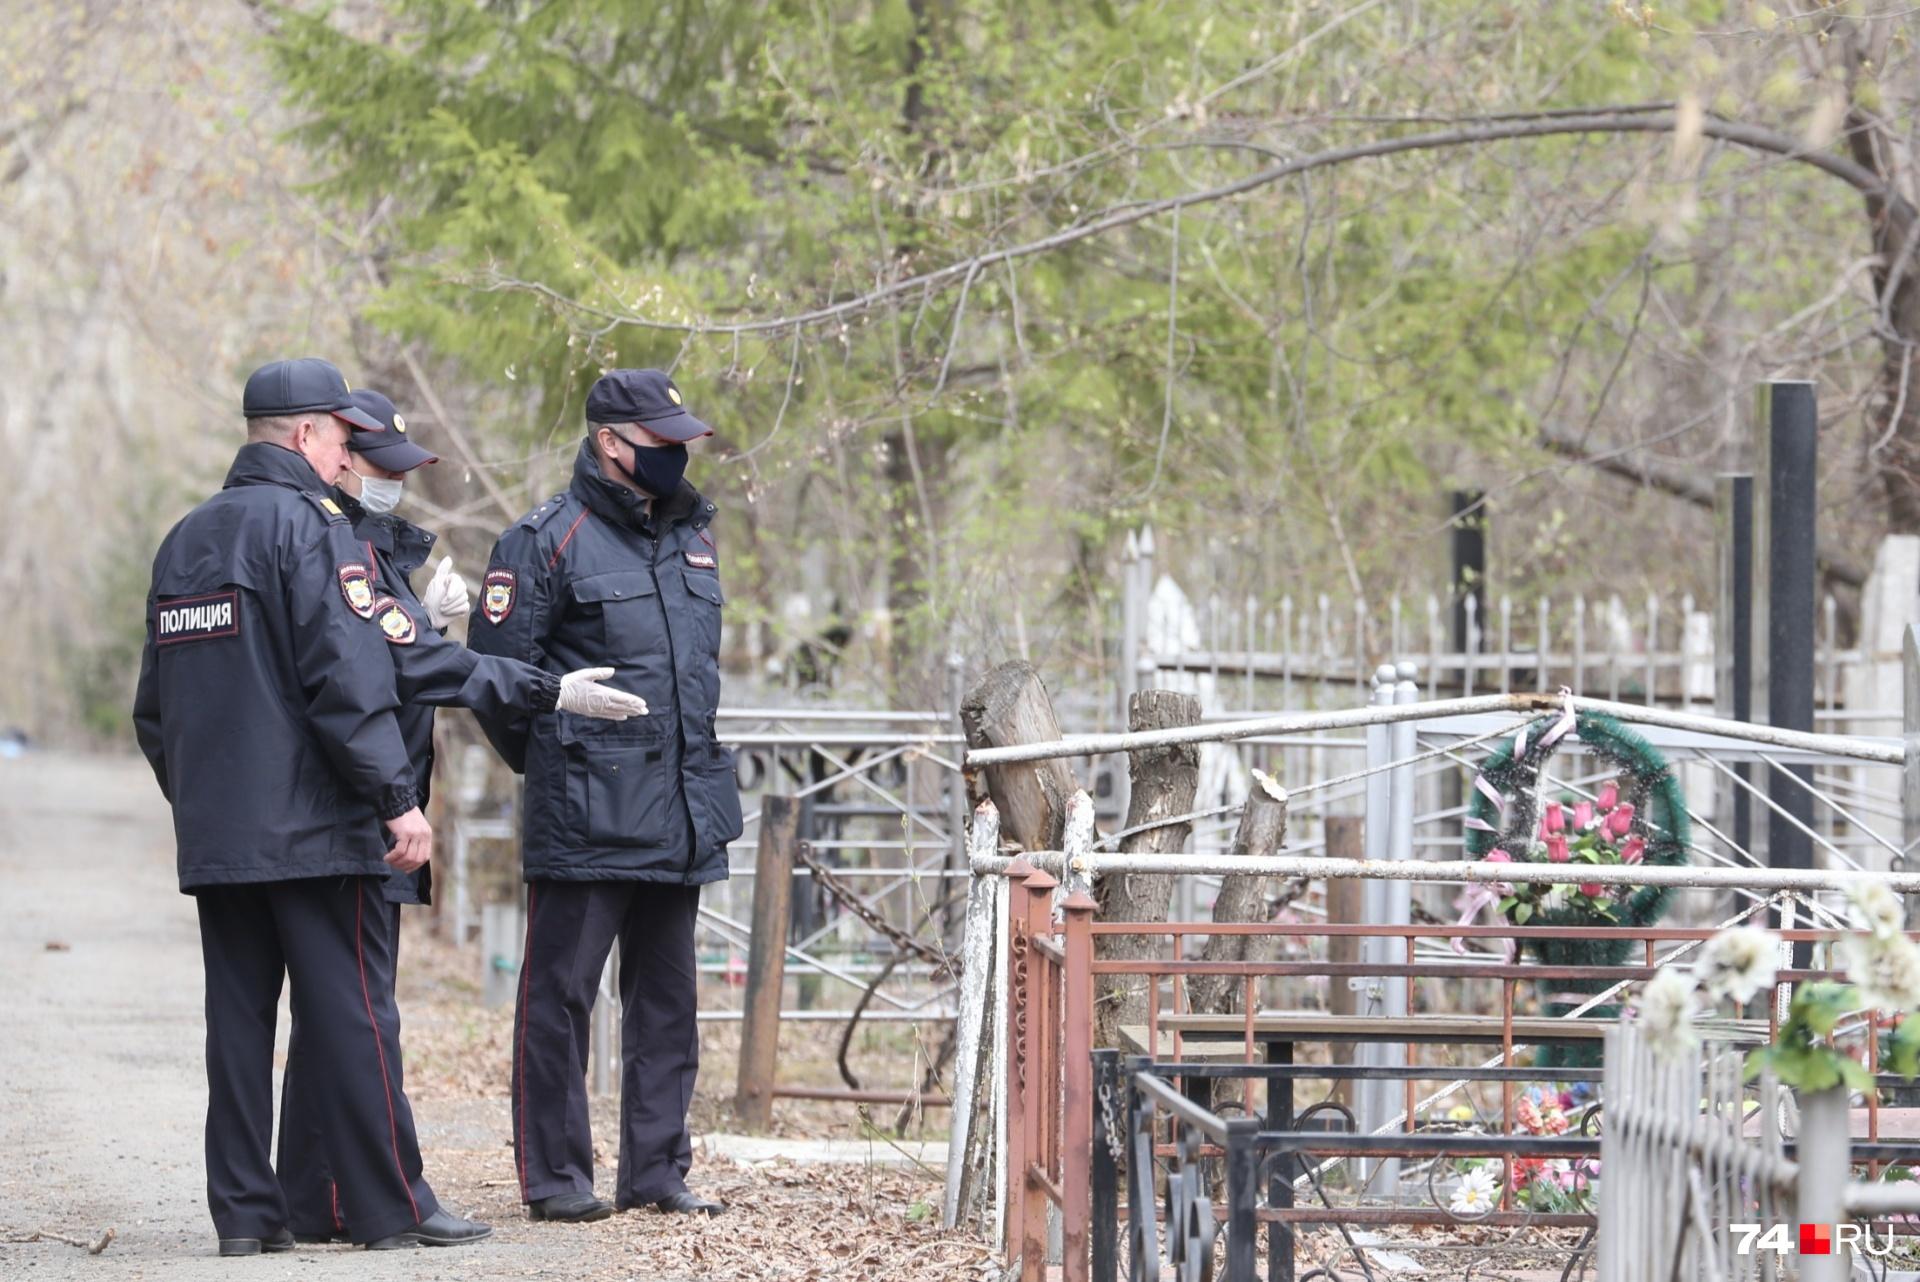 Зато могилы сотрудники МВД рассматривают с интересом